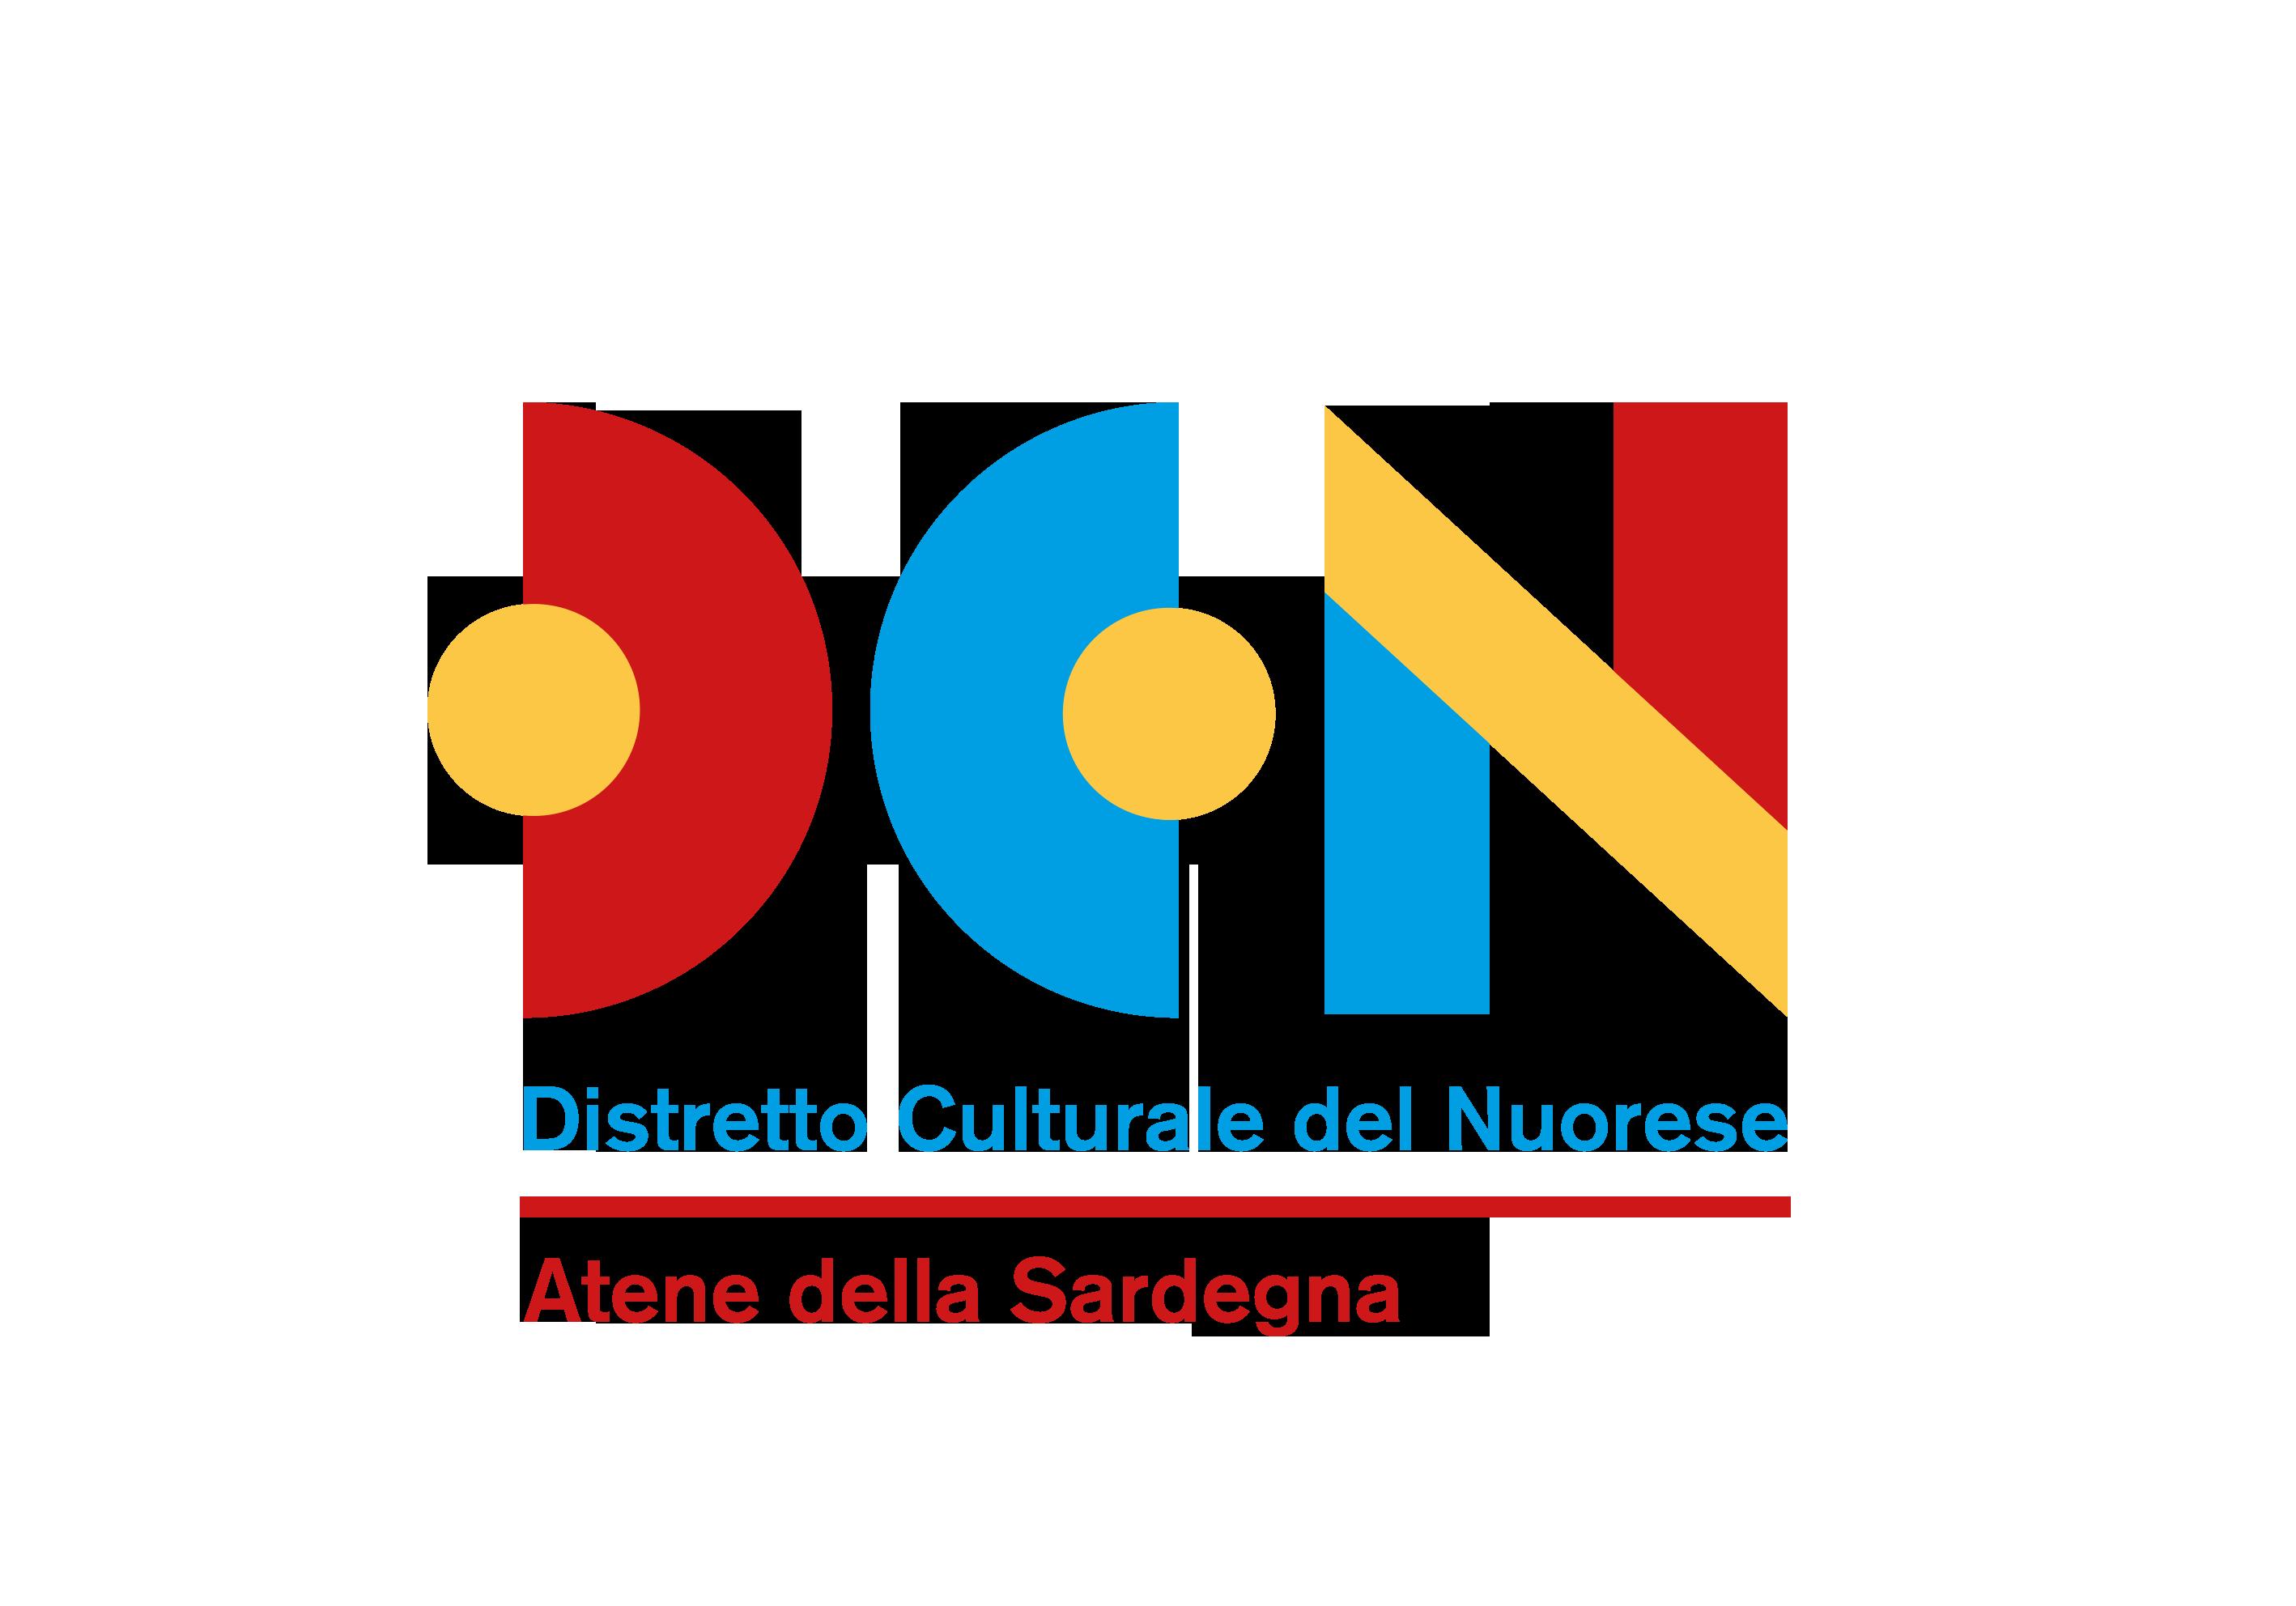 Distretto Culturale del Nuorese - Atene della Sardegna